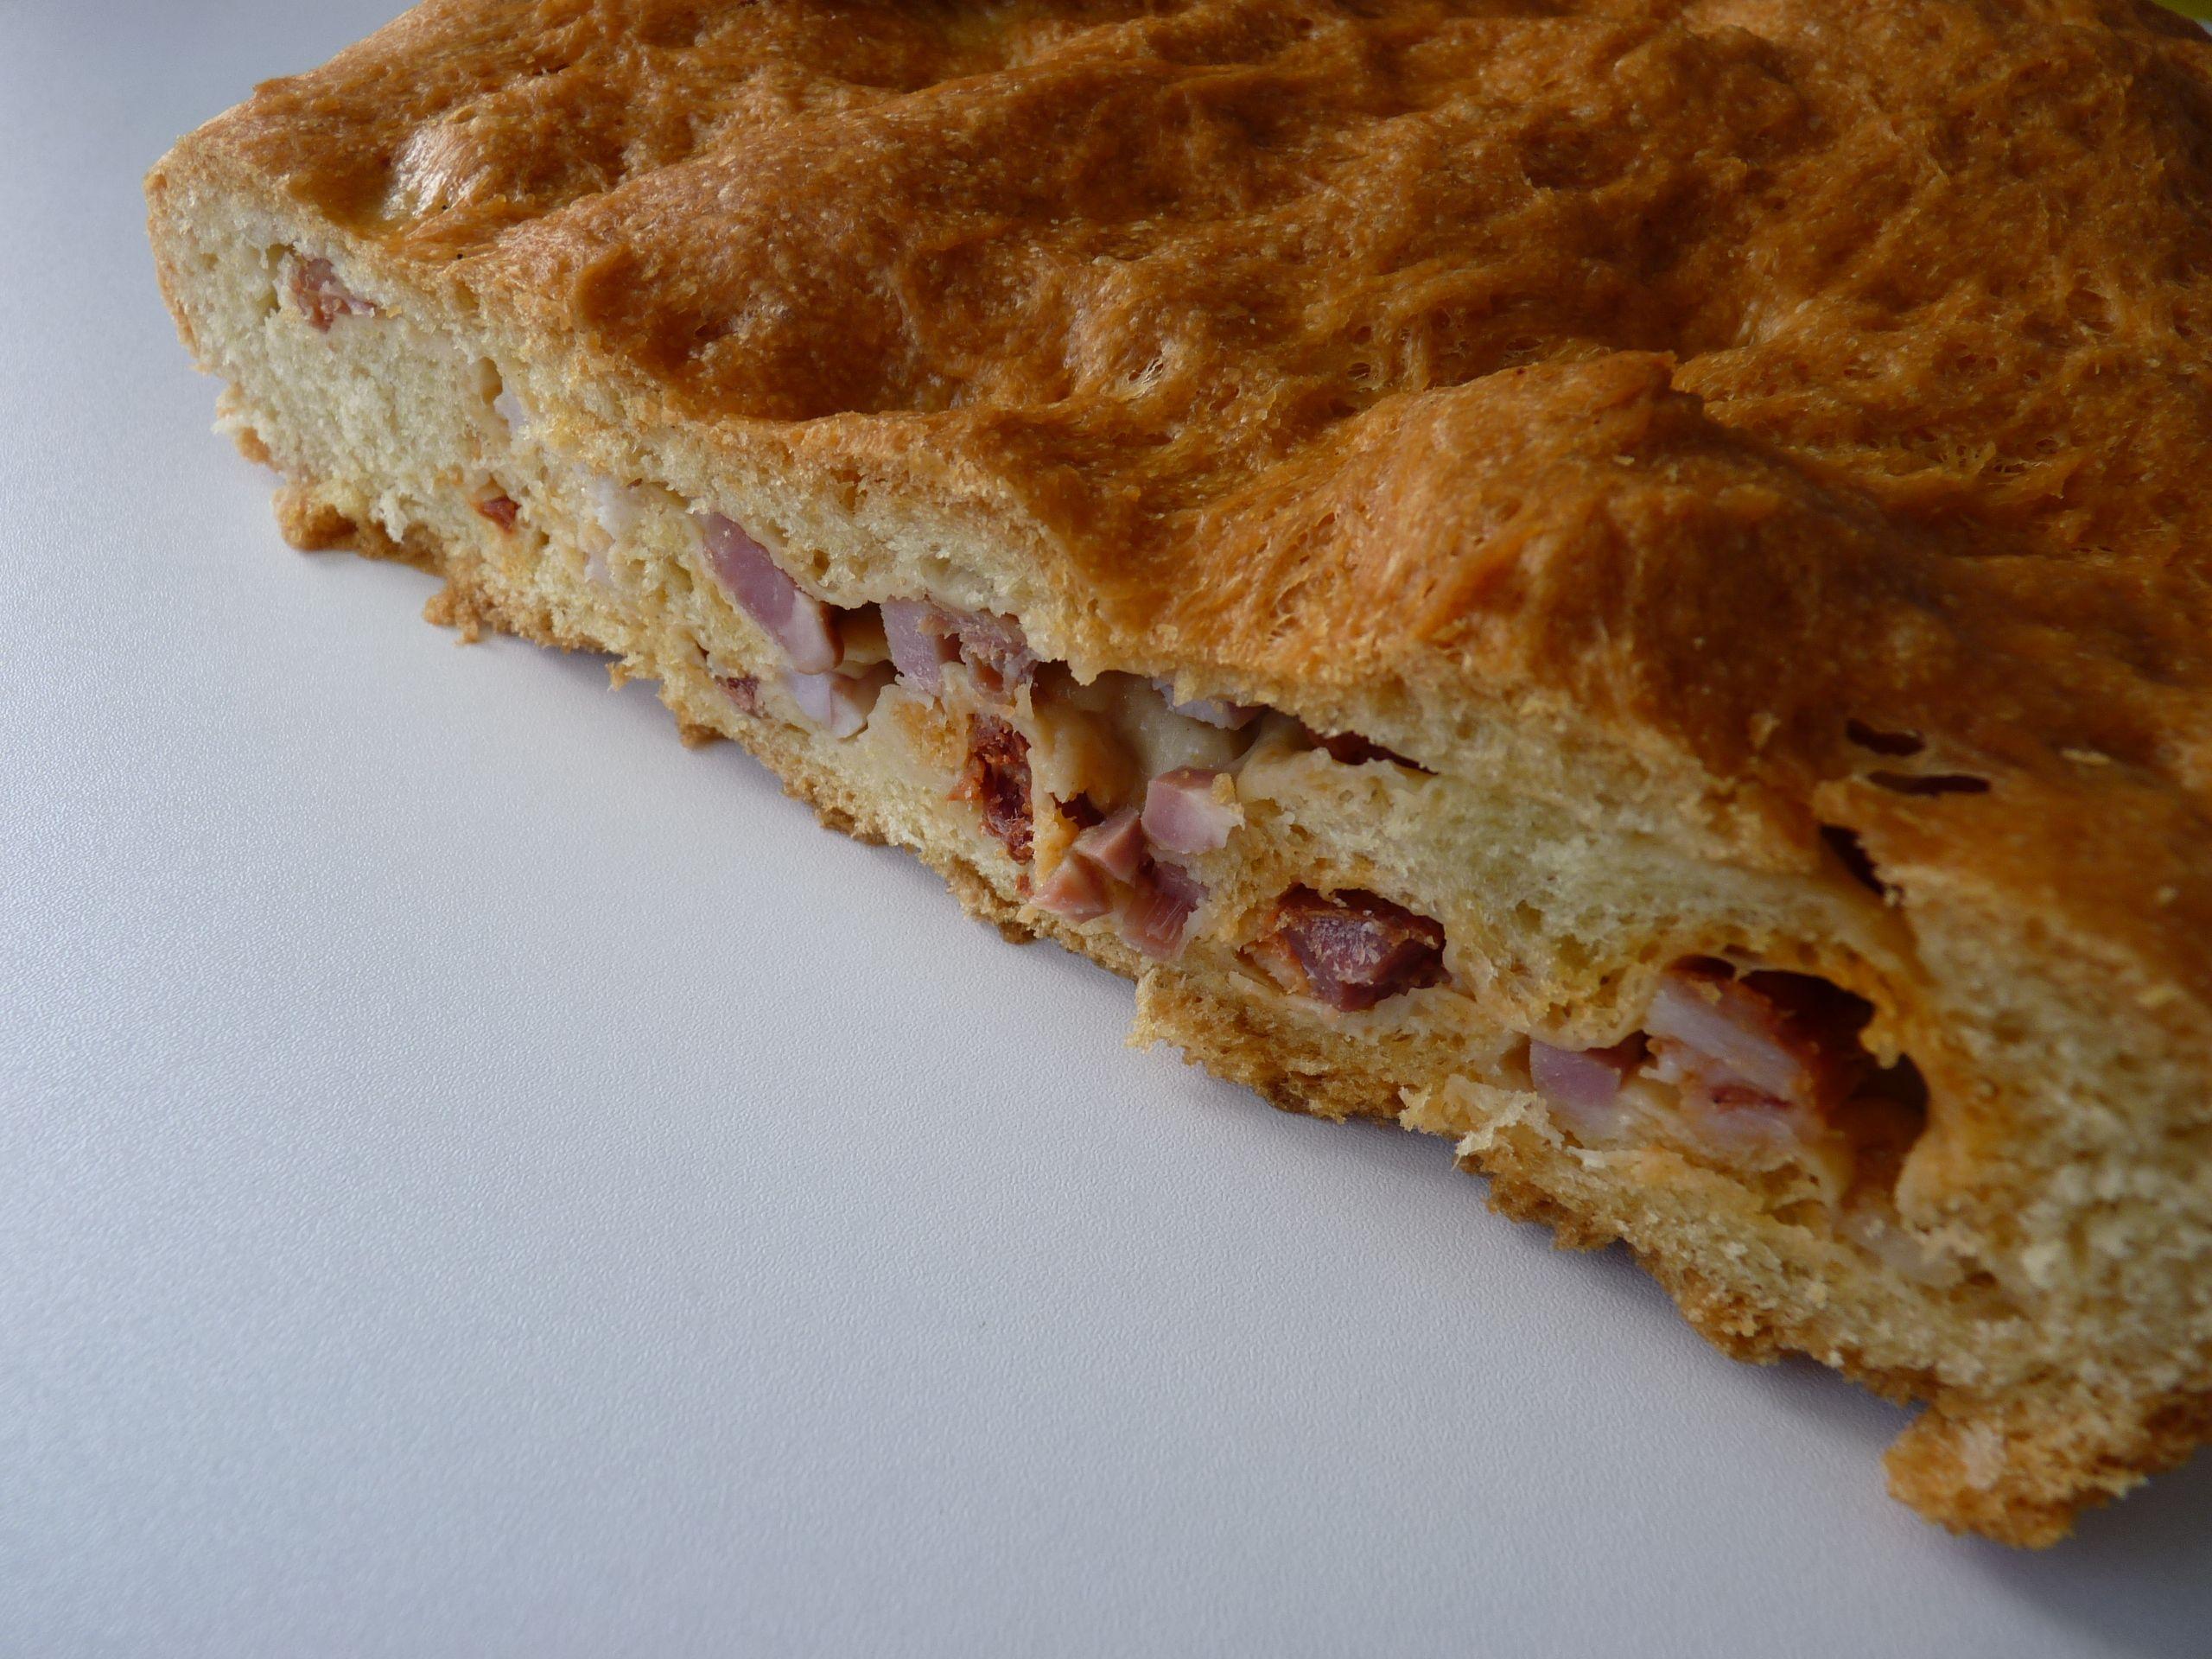 Folar de carne food portuguese cuisine soul food